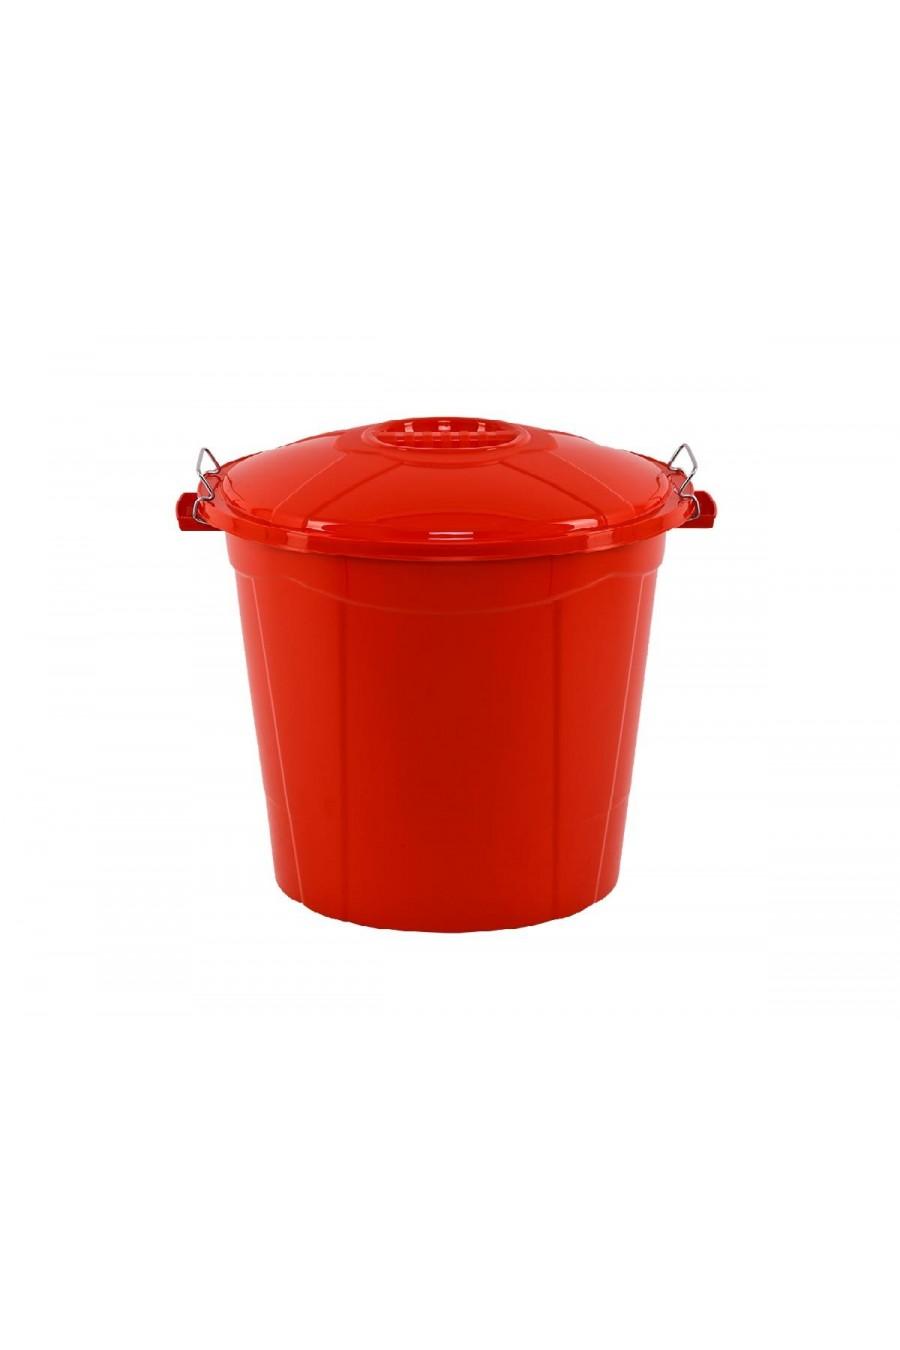 PlastArt Kırmızı Bakliyat Kovası | 55 lt.